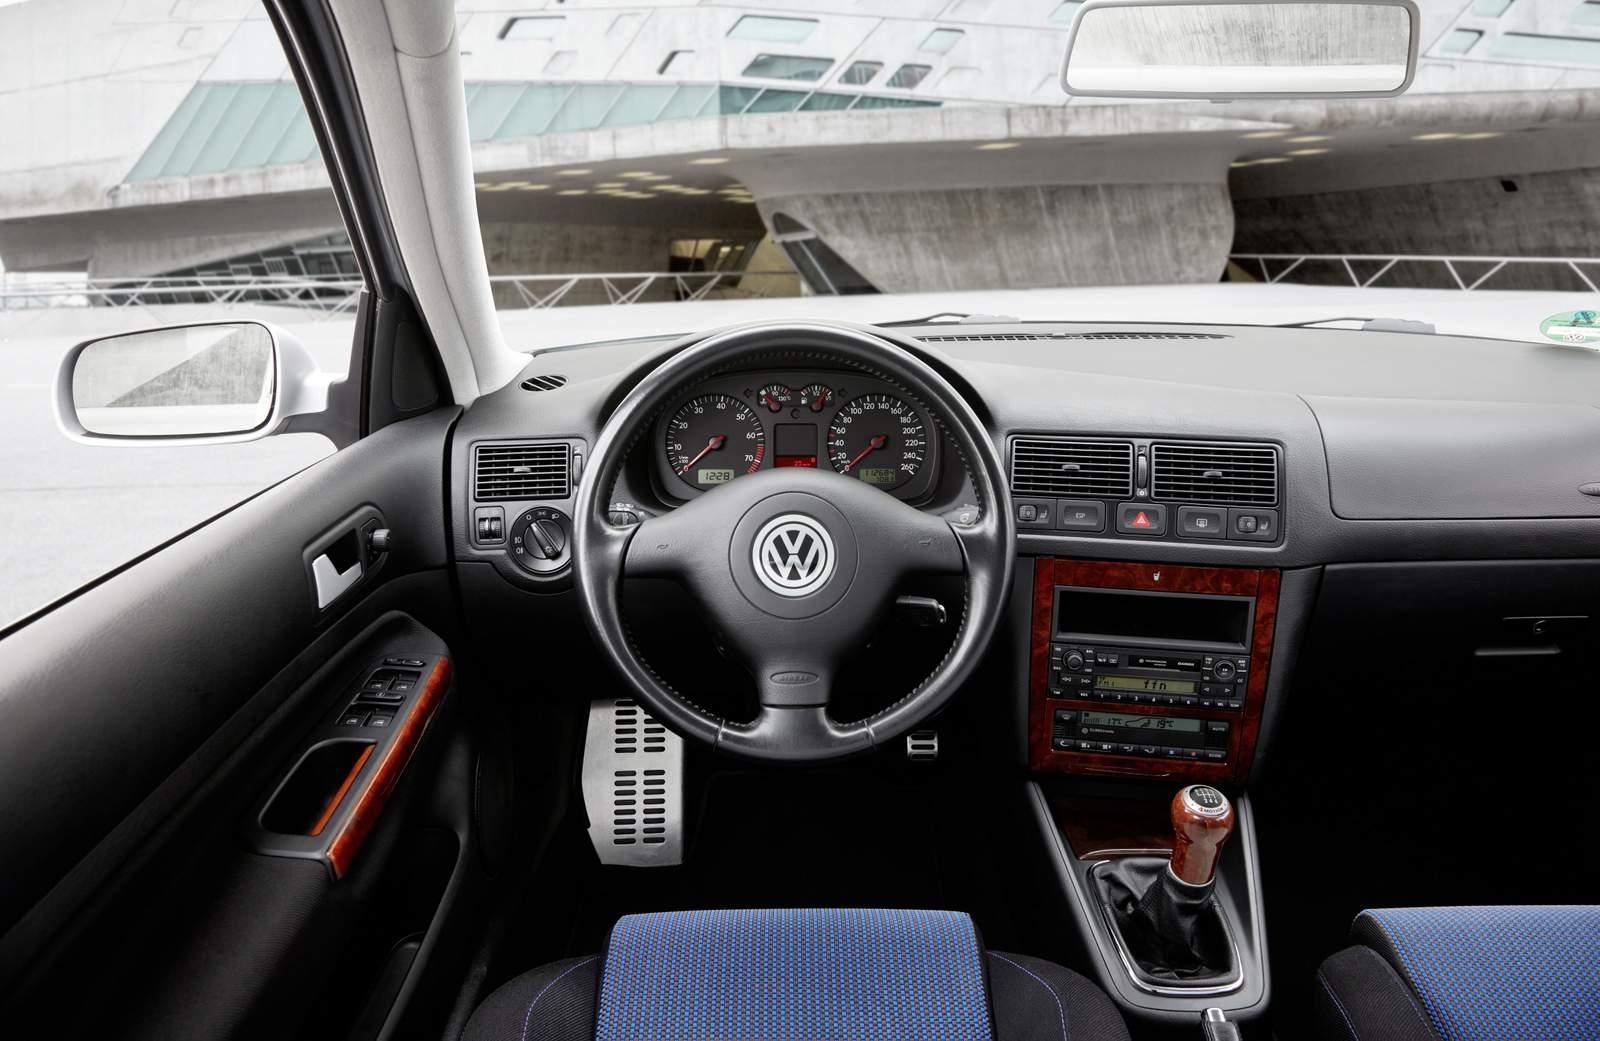 golf mk4 design limpo considerado um cone de estilo car blog br. Black Bedroom Furniture Sets. Home Design Ideas